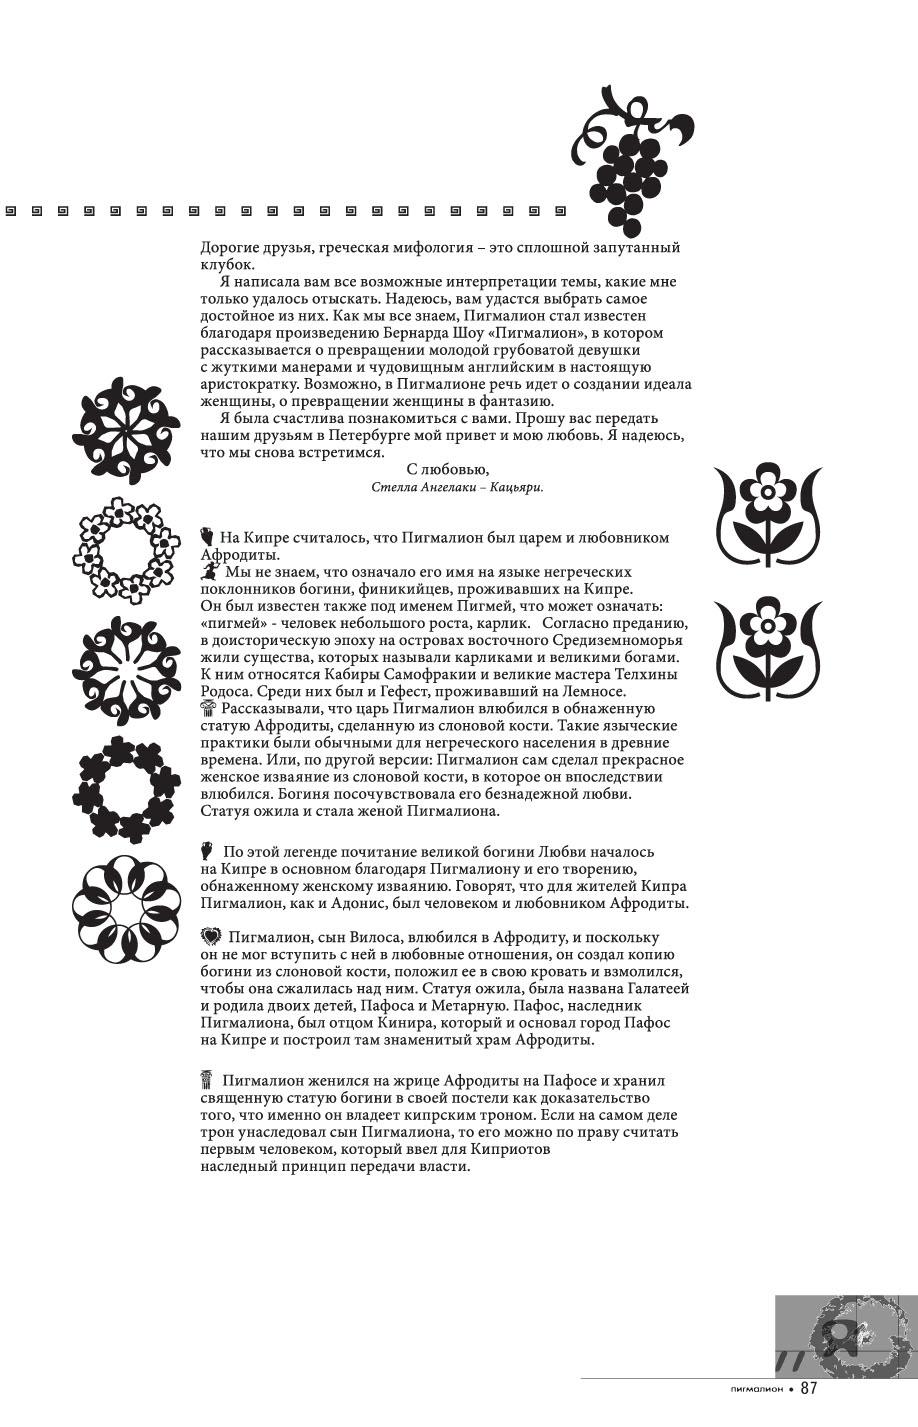 Pages_86-87_Greciya.indd